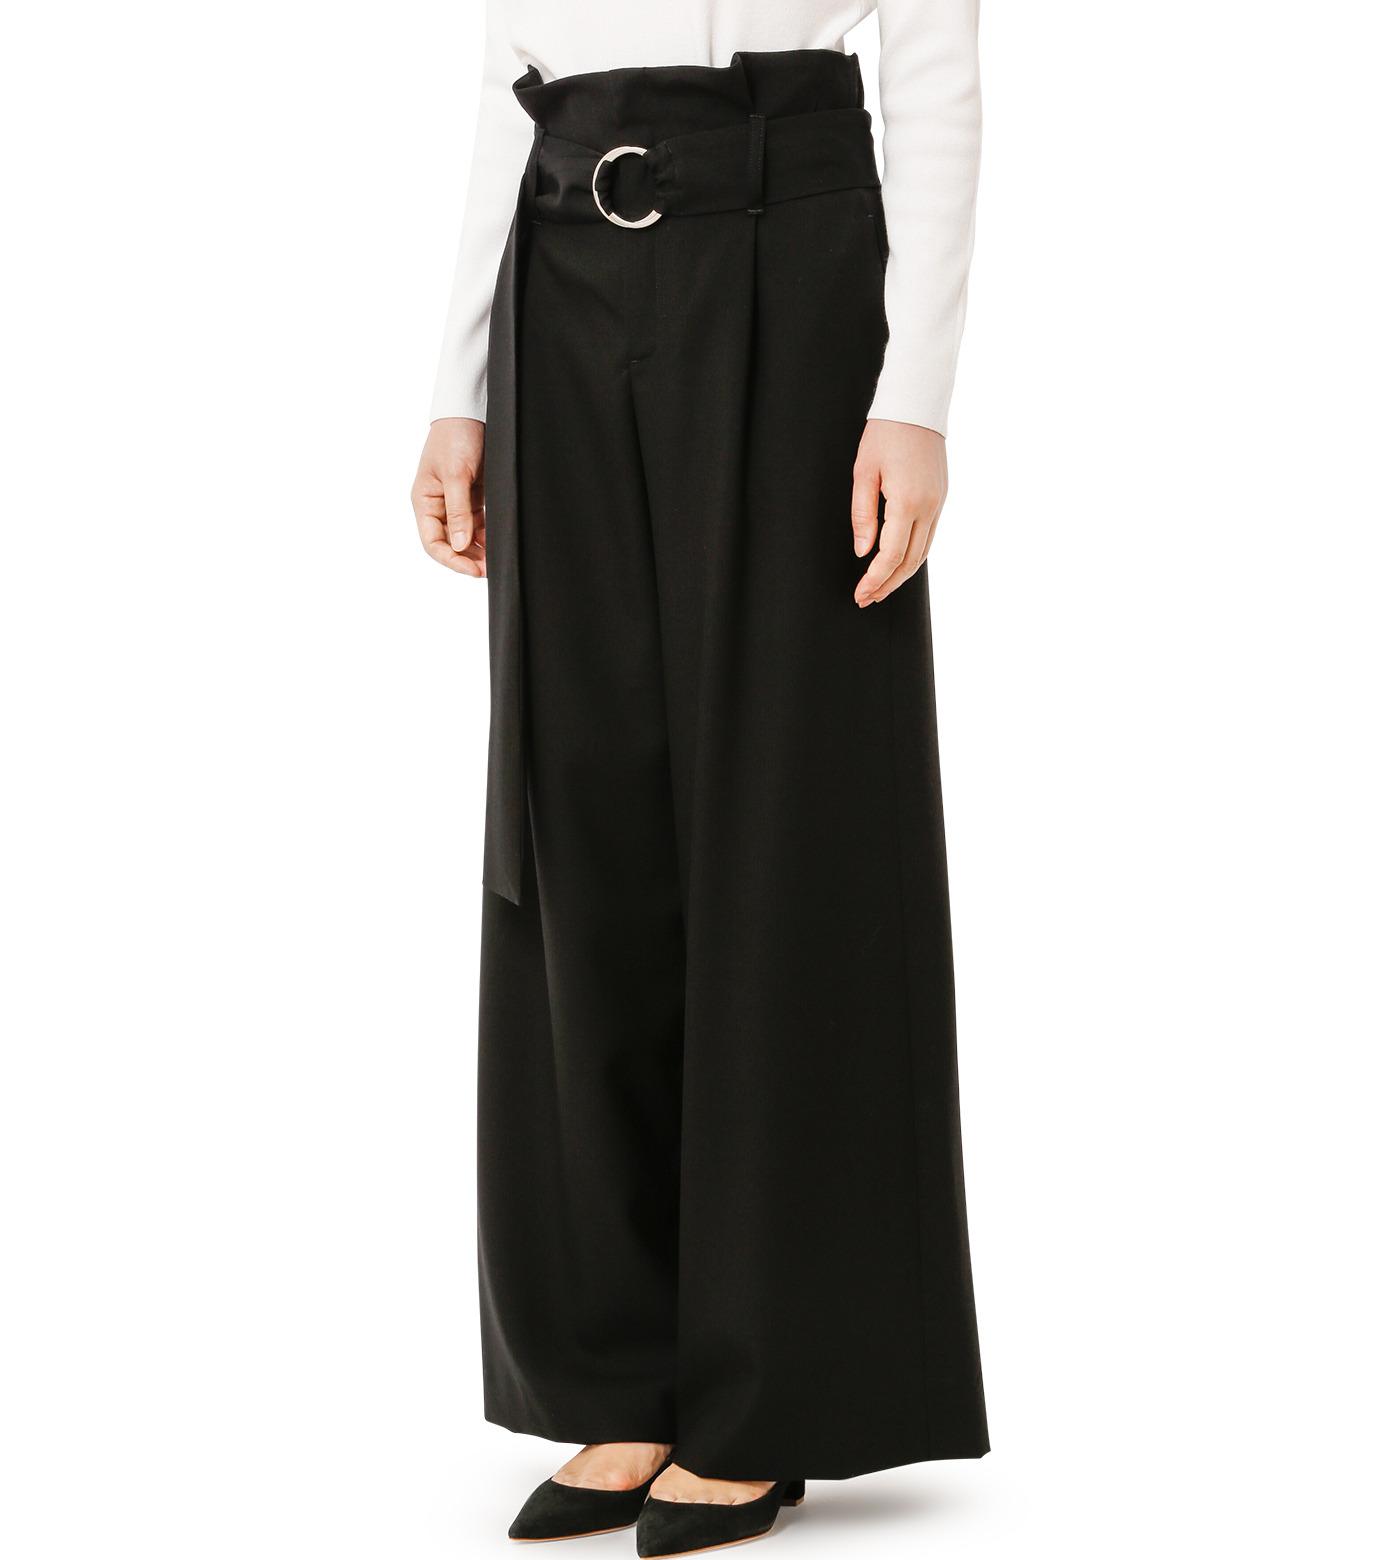 LE CIEL BLEU(ルシェルブルー)のベルトハイウエストパンツ-BLACK(パンツ/pants)-18A68408 拡大詳細画像1